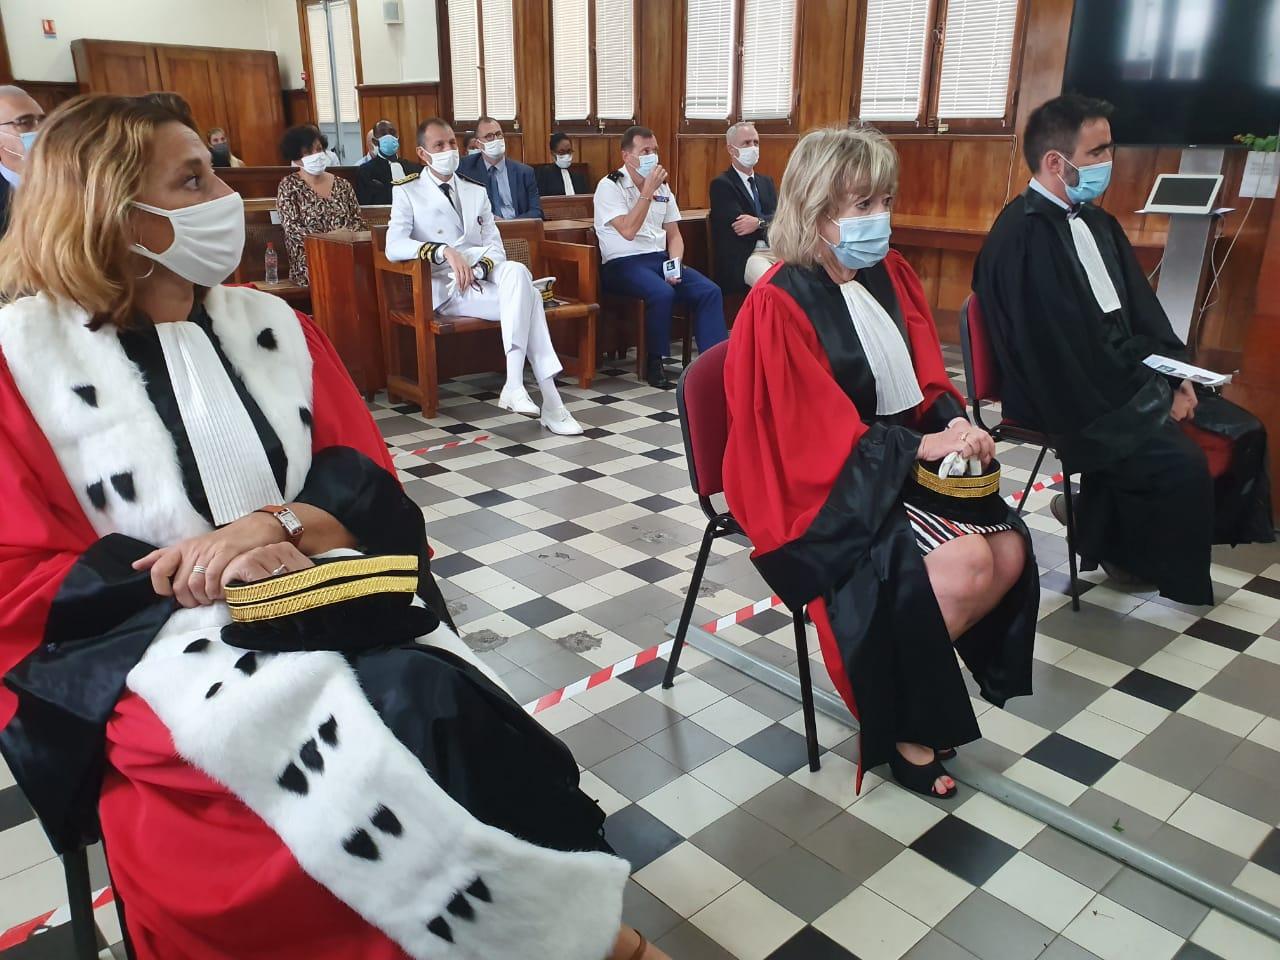 La Cour d'Appel fait sa rentrée solennelle